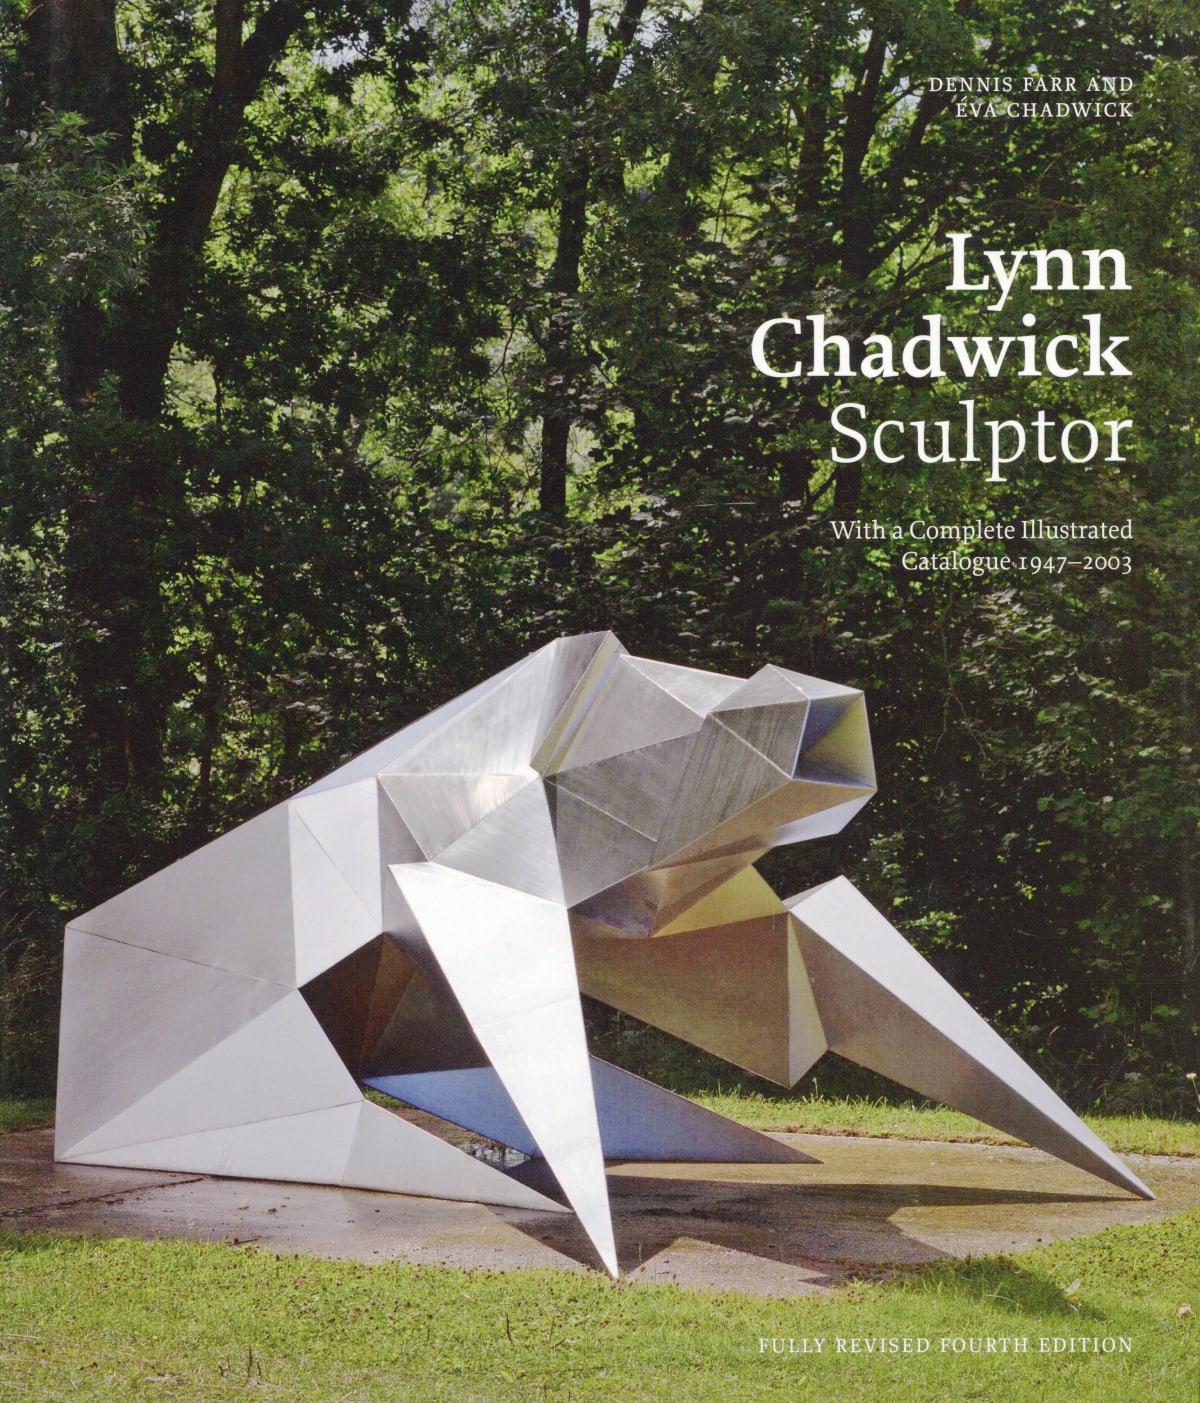 Lynn Chadwick Sculptor